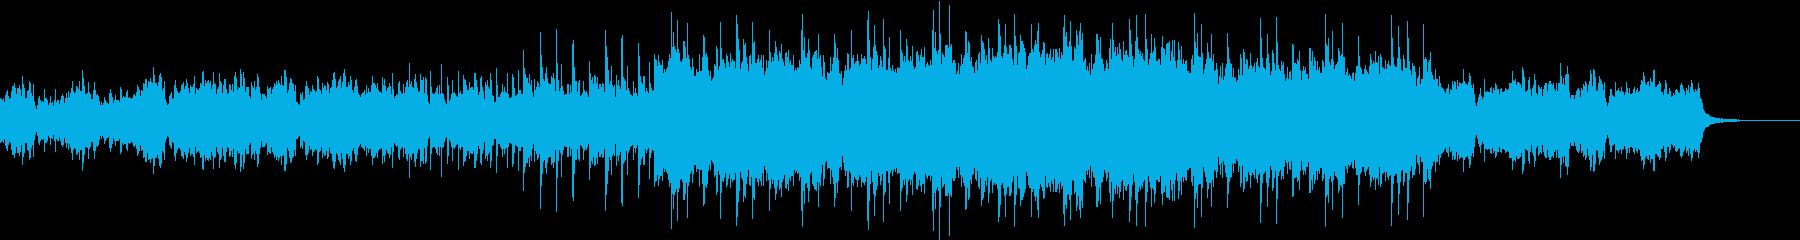 しっとりとしたオーケストラの再生済みの波形